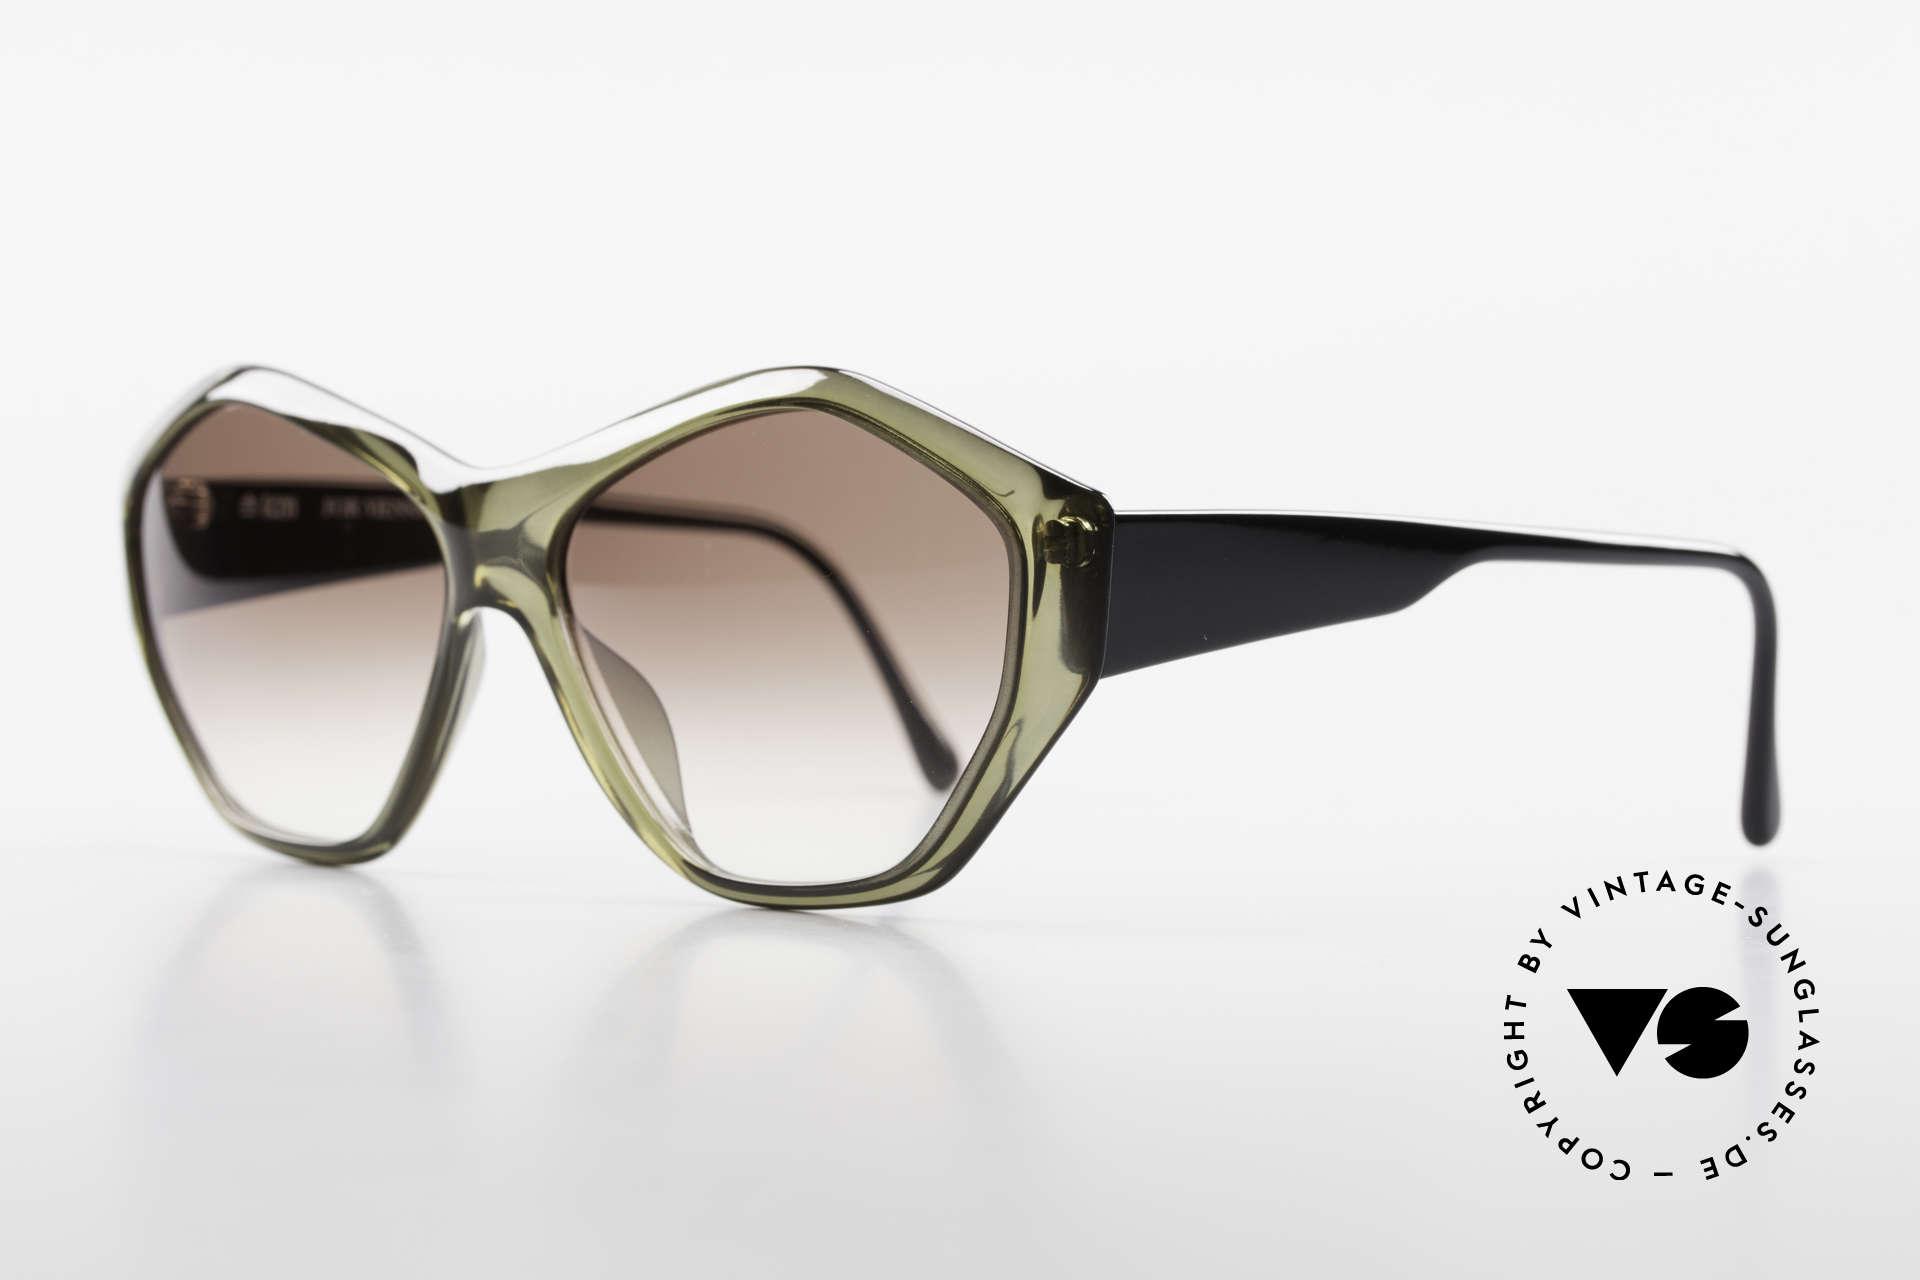 Paloma Picasso 1463 90er Optyl Damen Sonnenbrille, noch ein Meisterwerk vom Künstler-Haus Picasso!, Passend für Damen